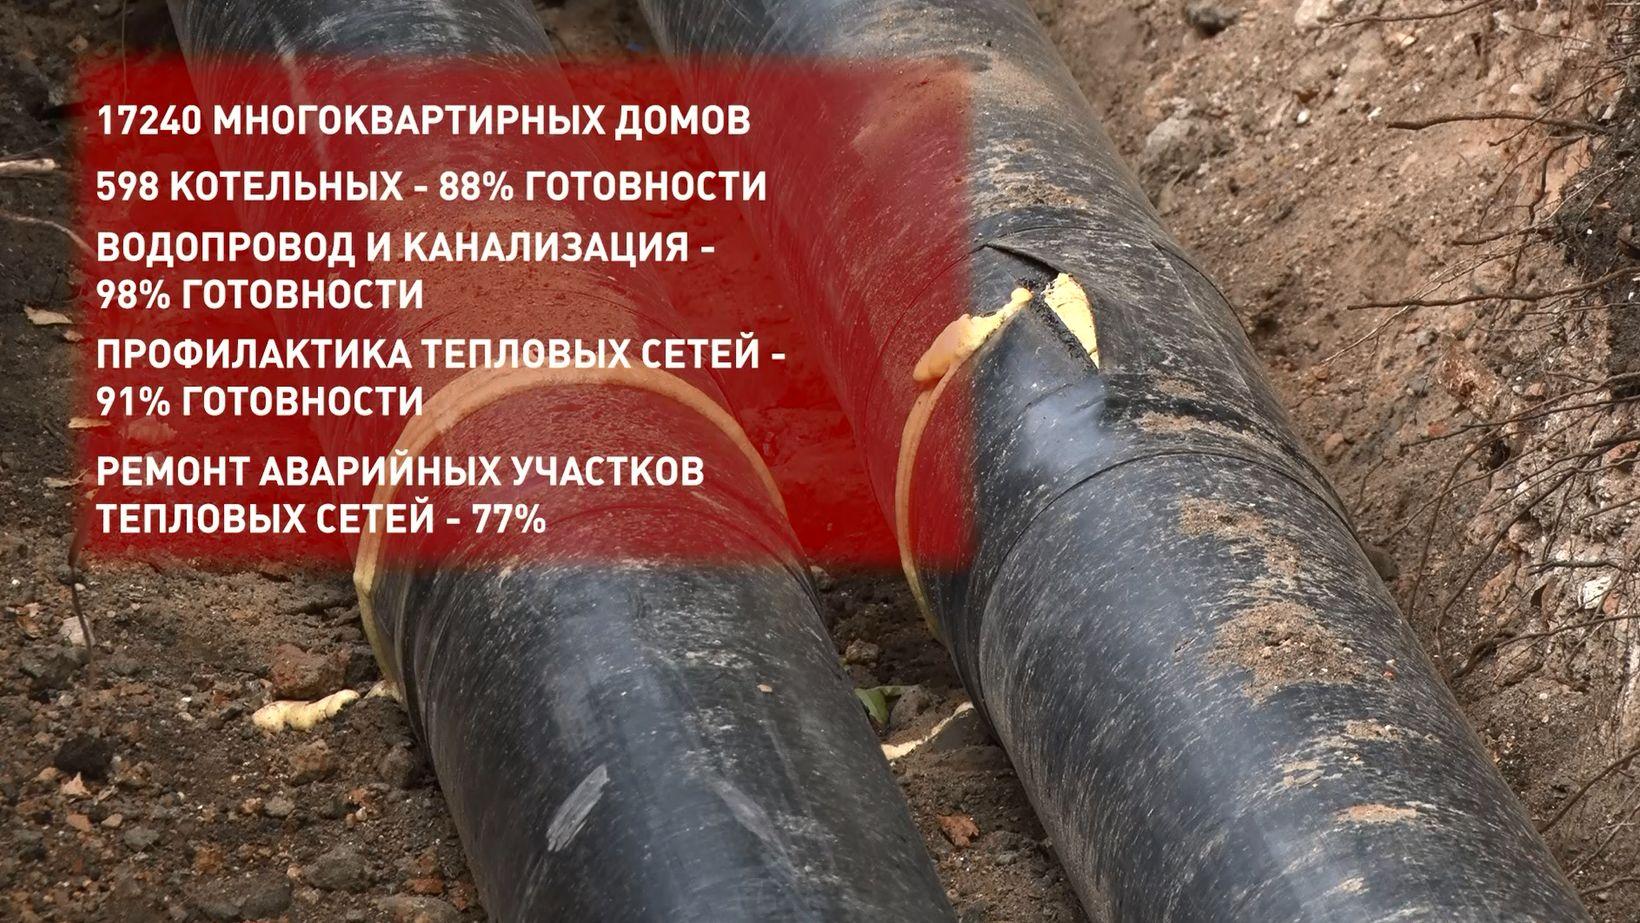 Ярославская область готова к отопительному сезону